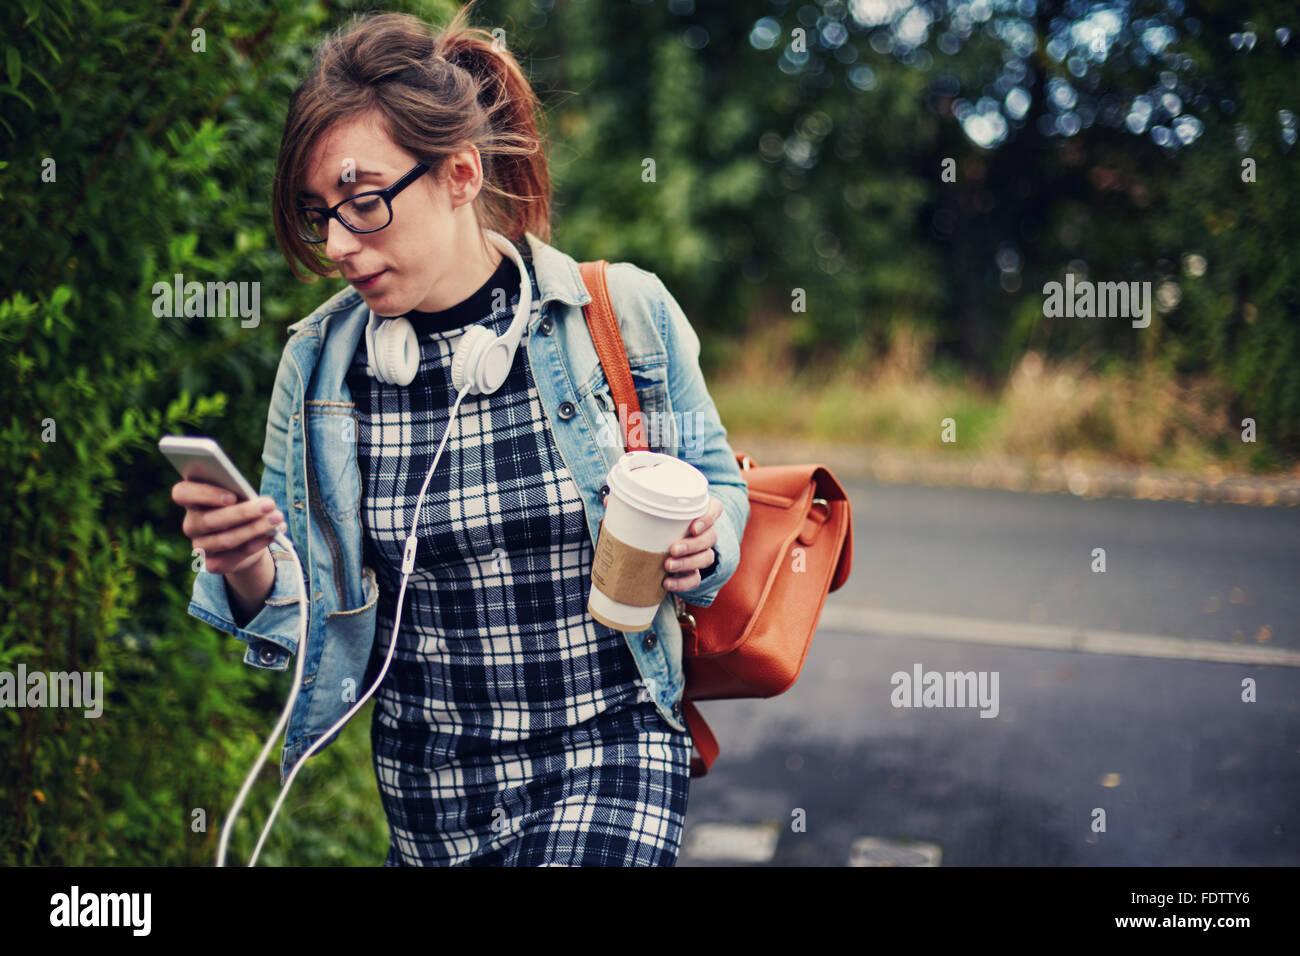 Junge Studentin mit ihrem Handy und halten einen Kaffee entlang. Stockbild